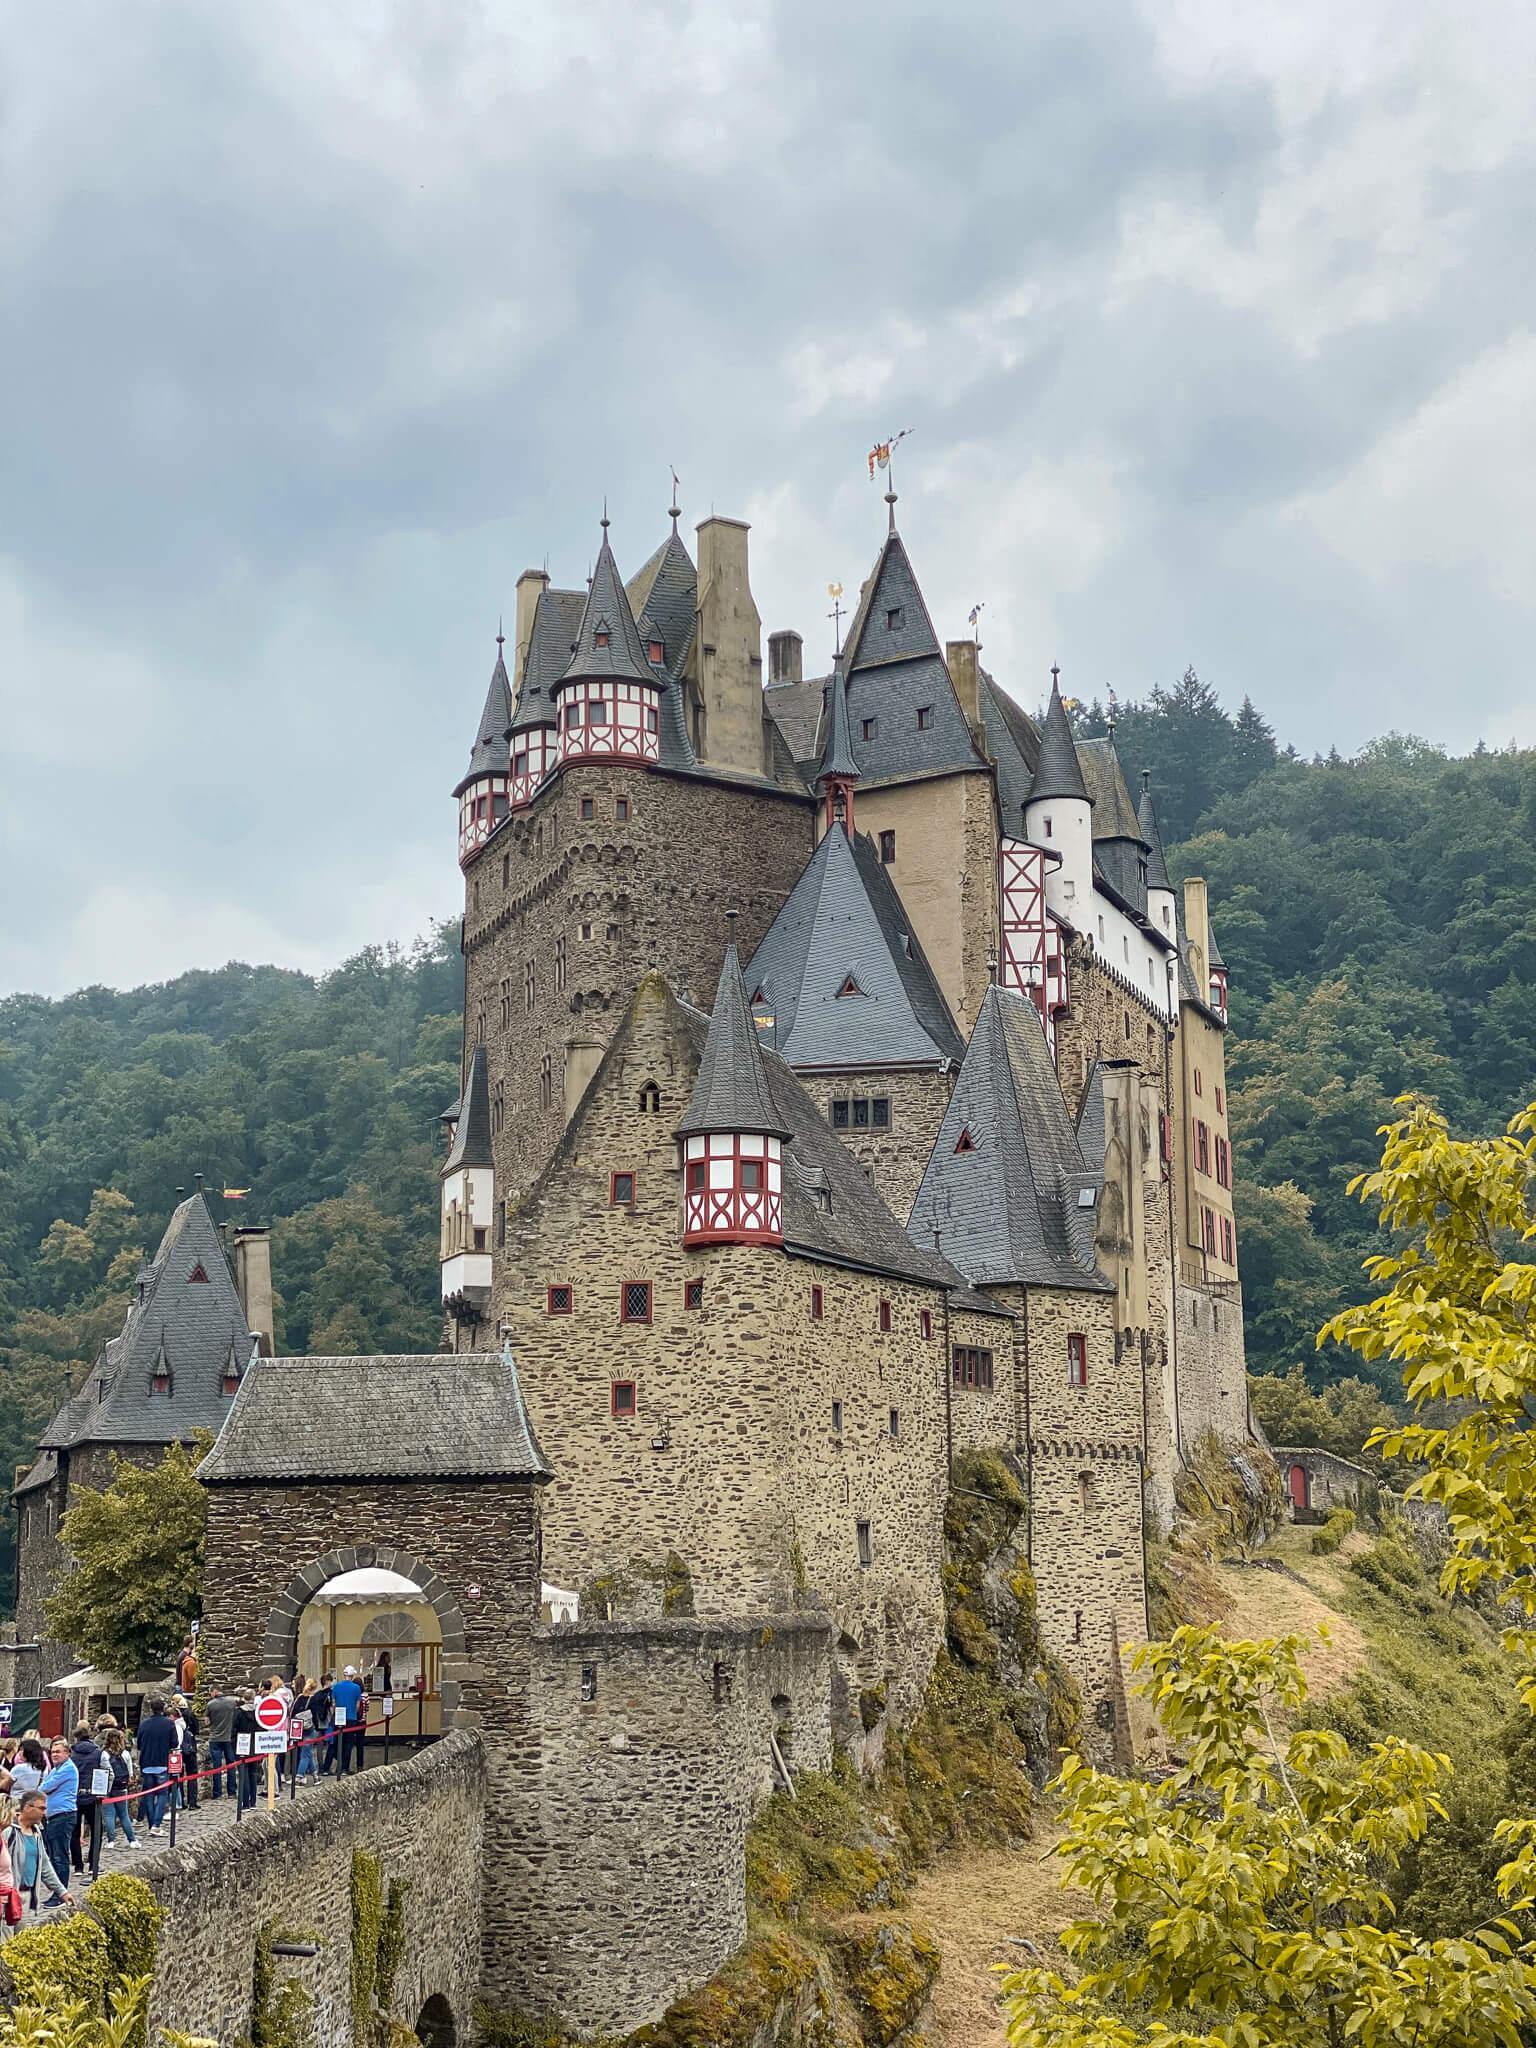 Urlaub in Deutschland Ausflug Burg Eltz